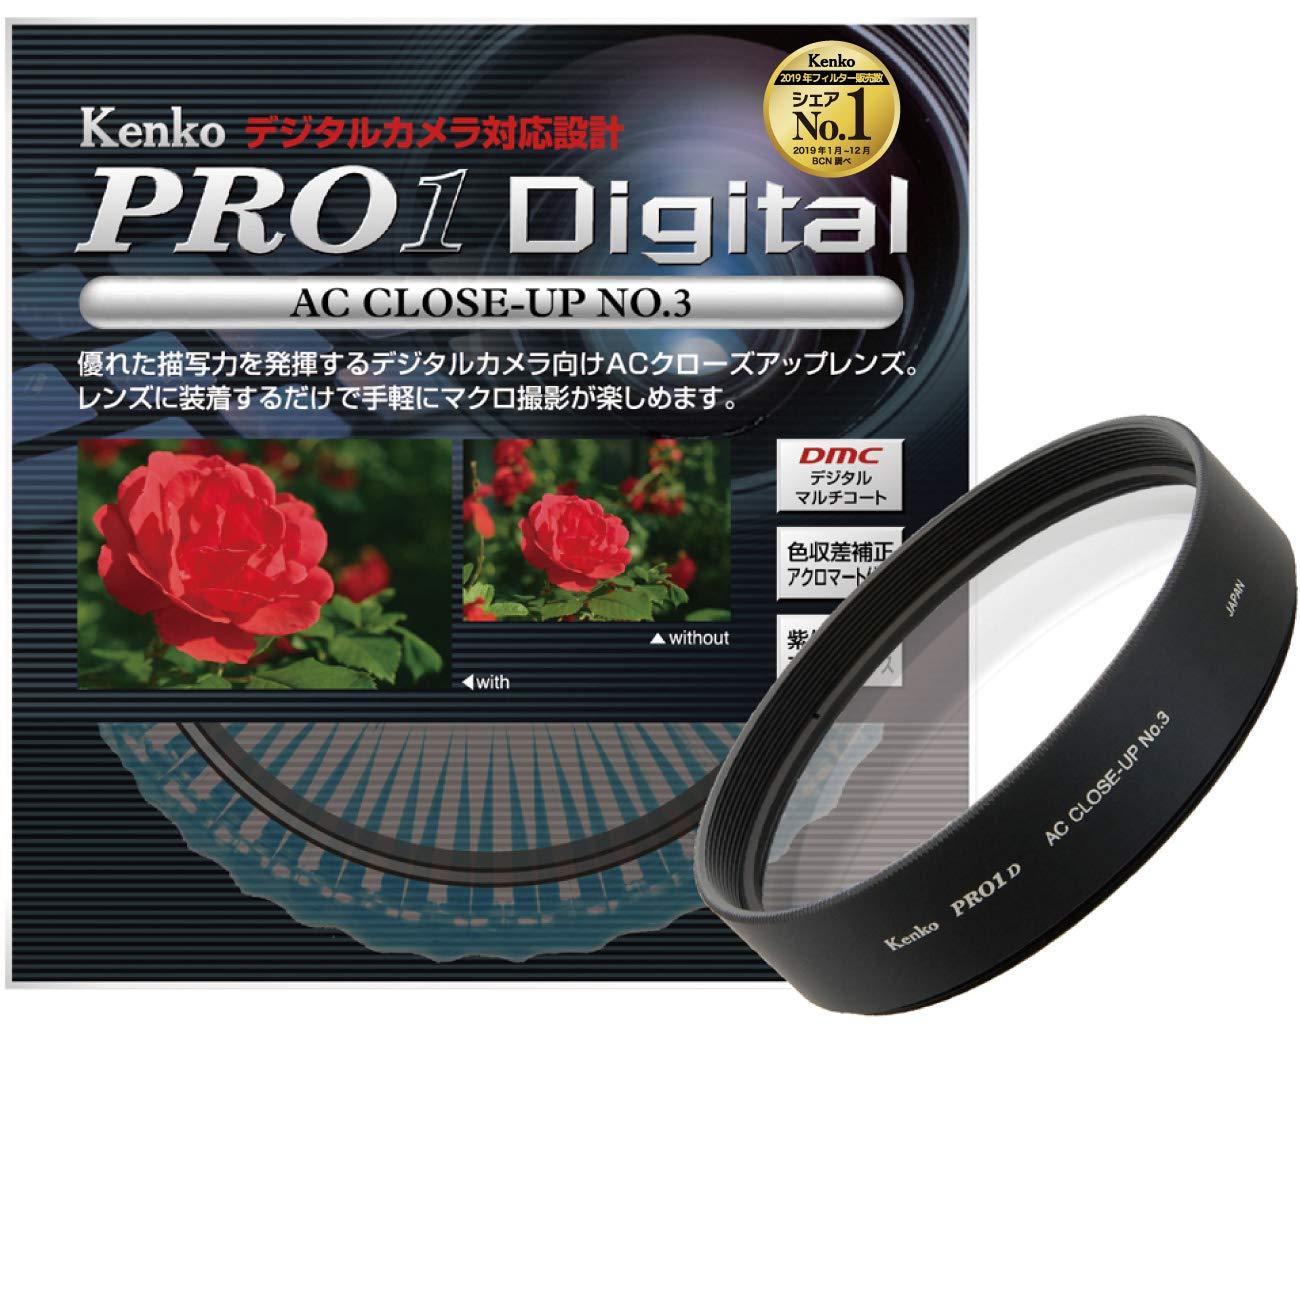 Kenko Close-Up Lens 49mm AC No.3 Achromatic-Lens